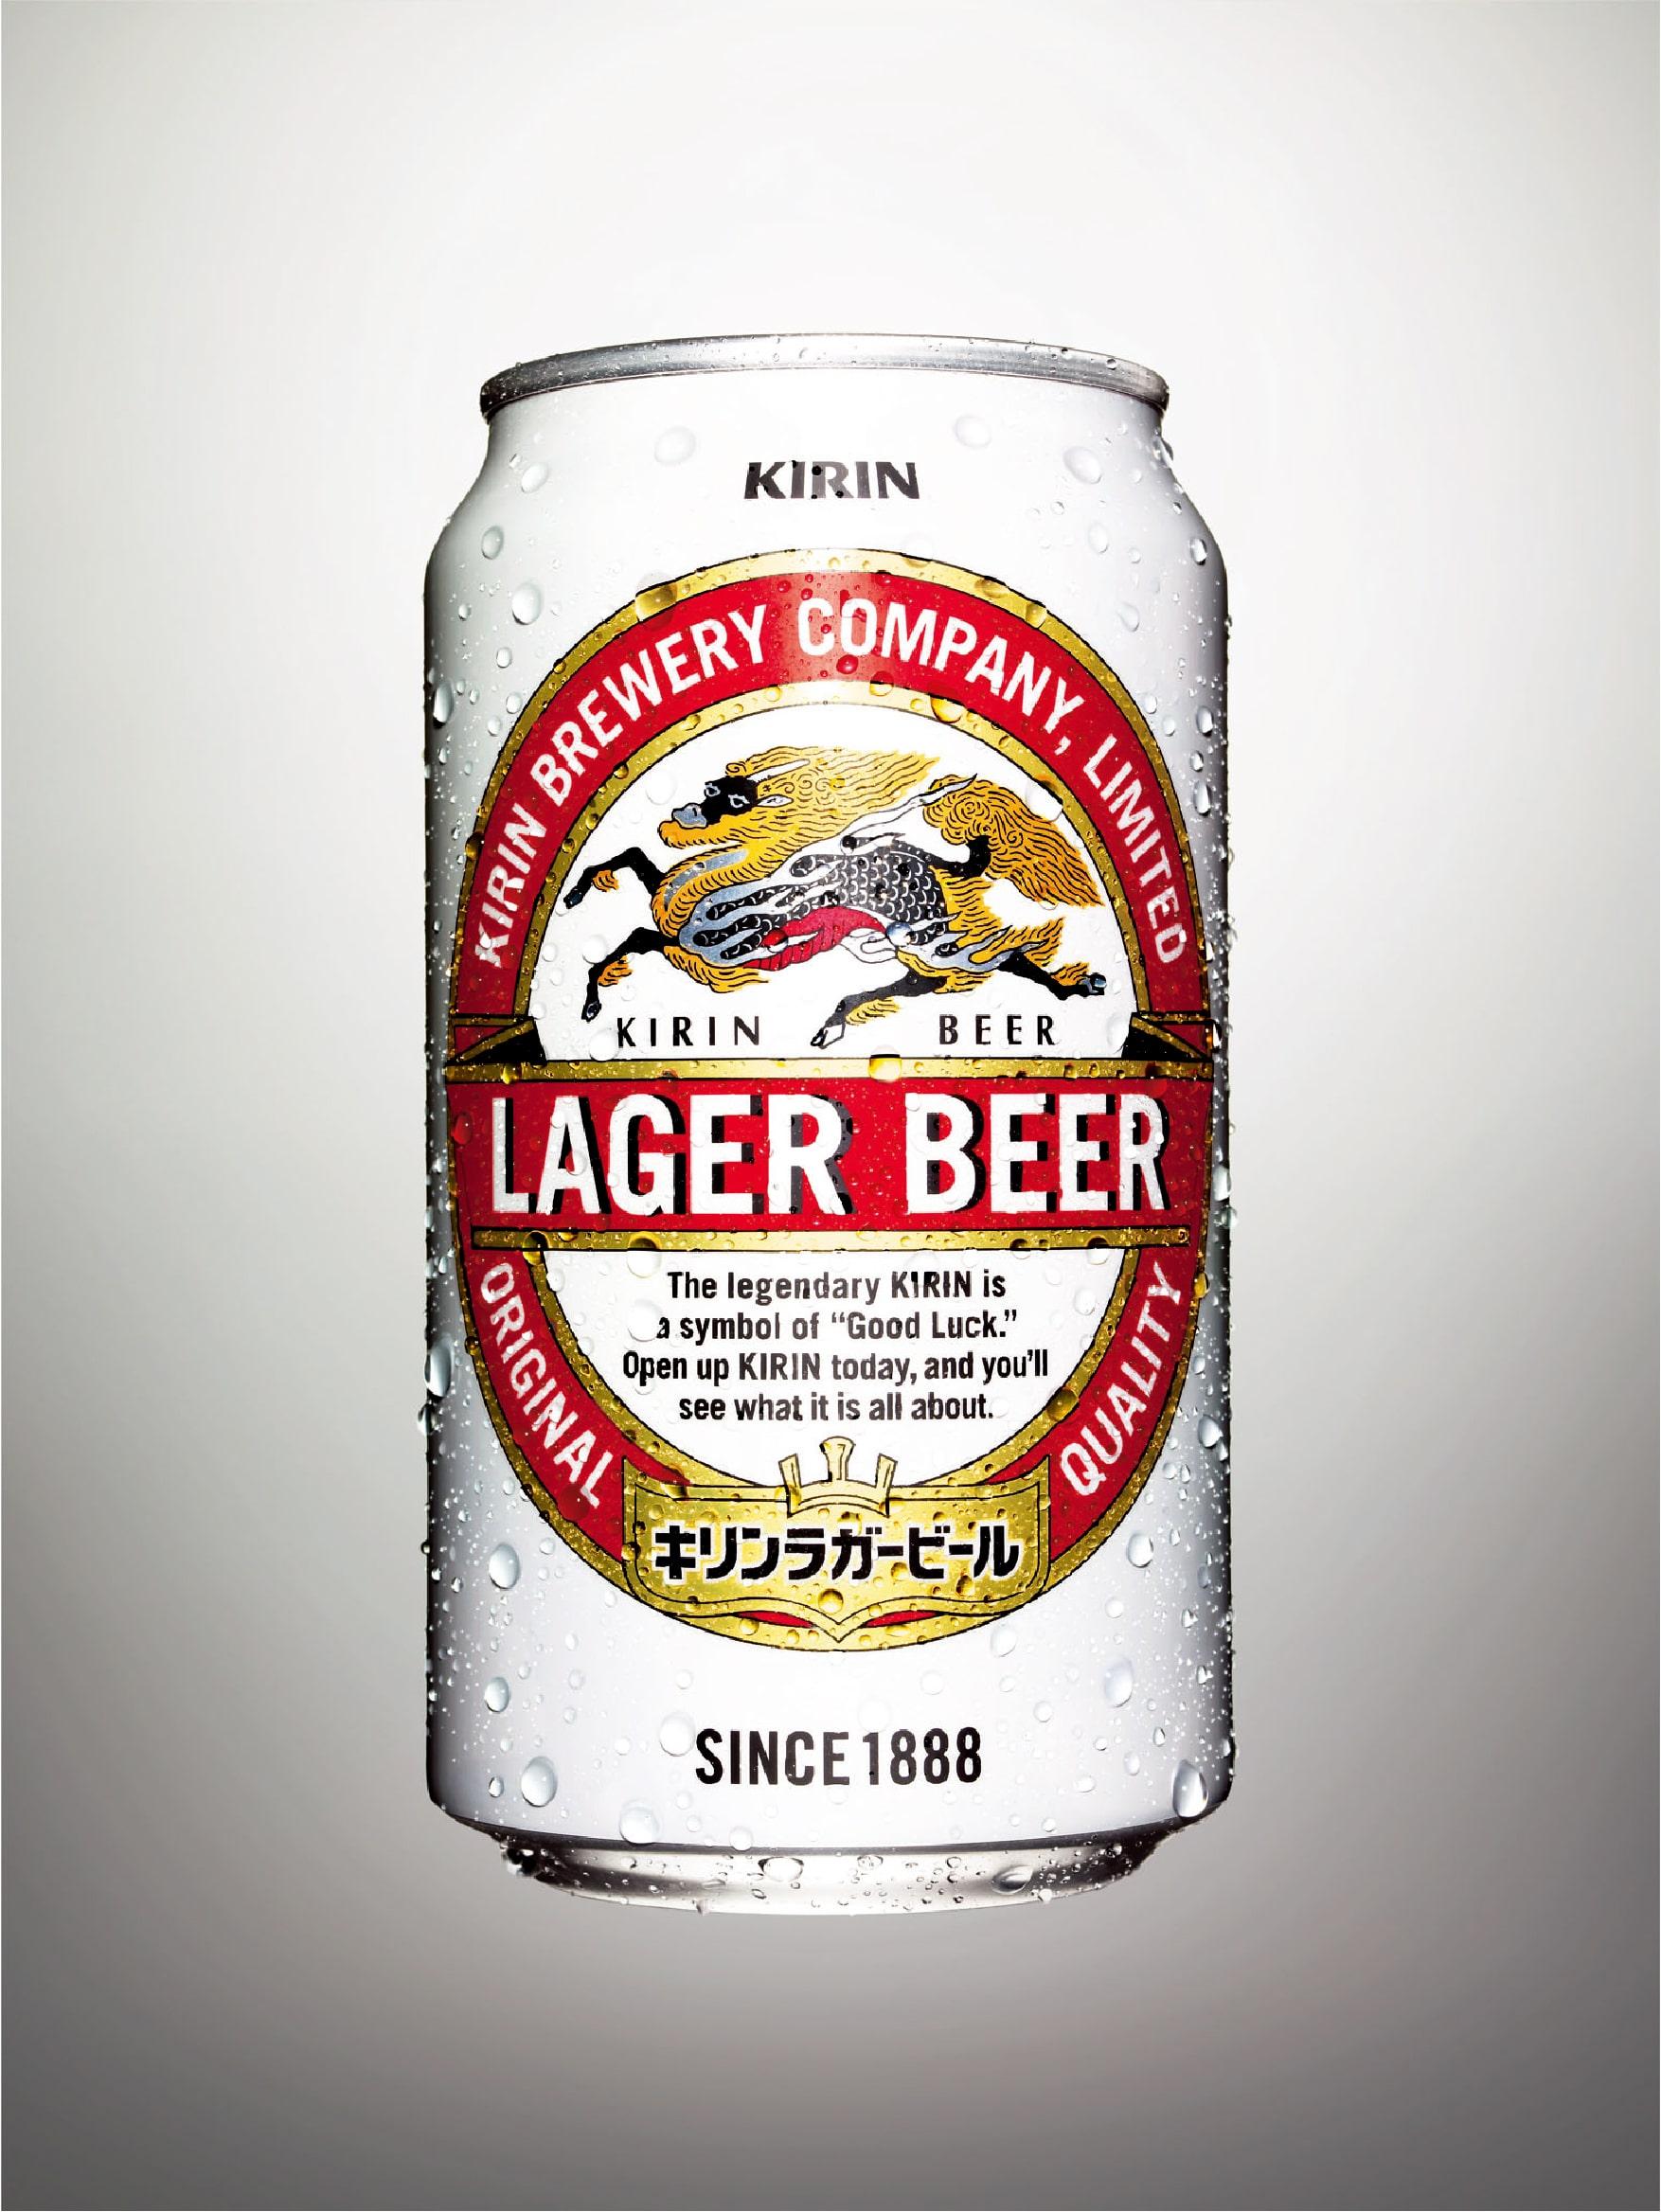 キリンラガービールのポスター